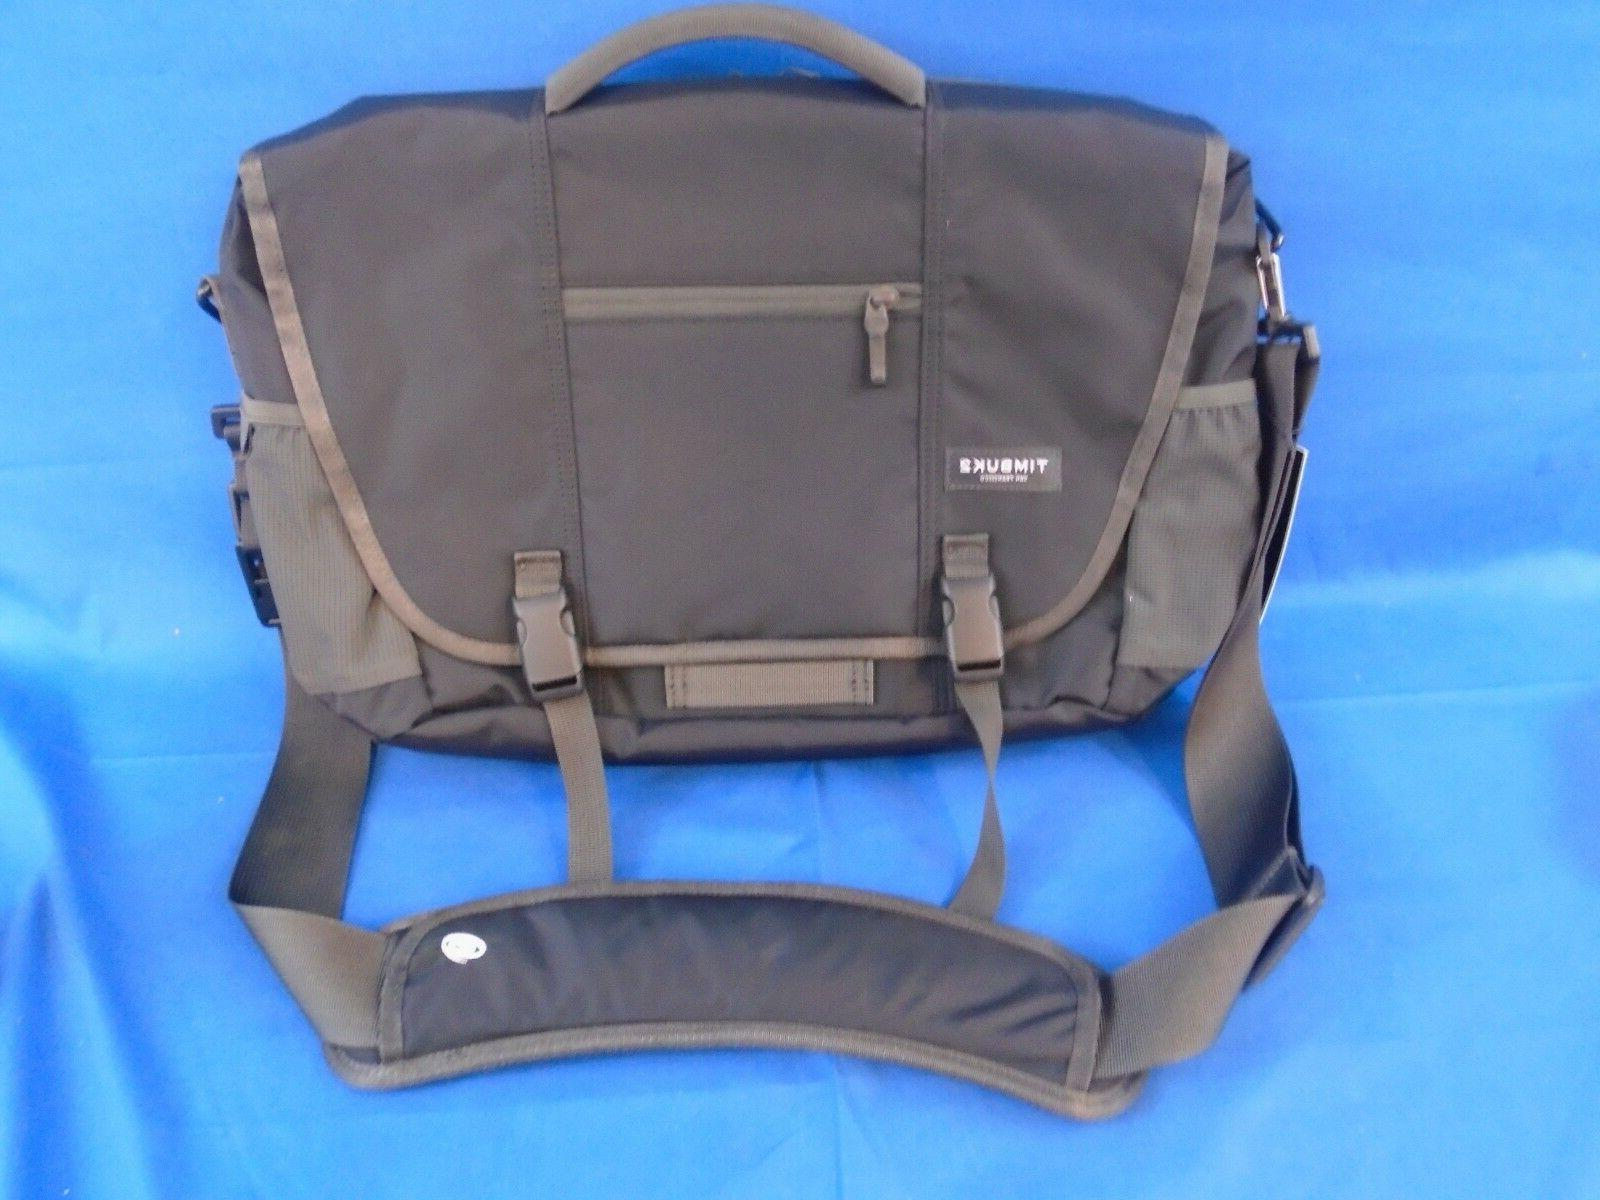 Timbuk2 Commute Messenger Bag, Jet Black, S, Small